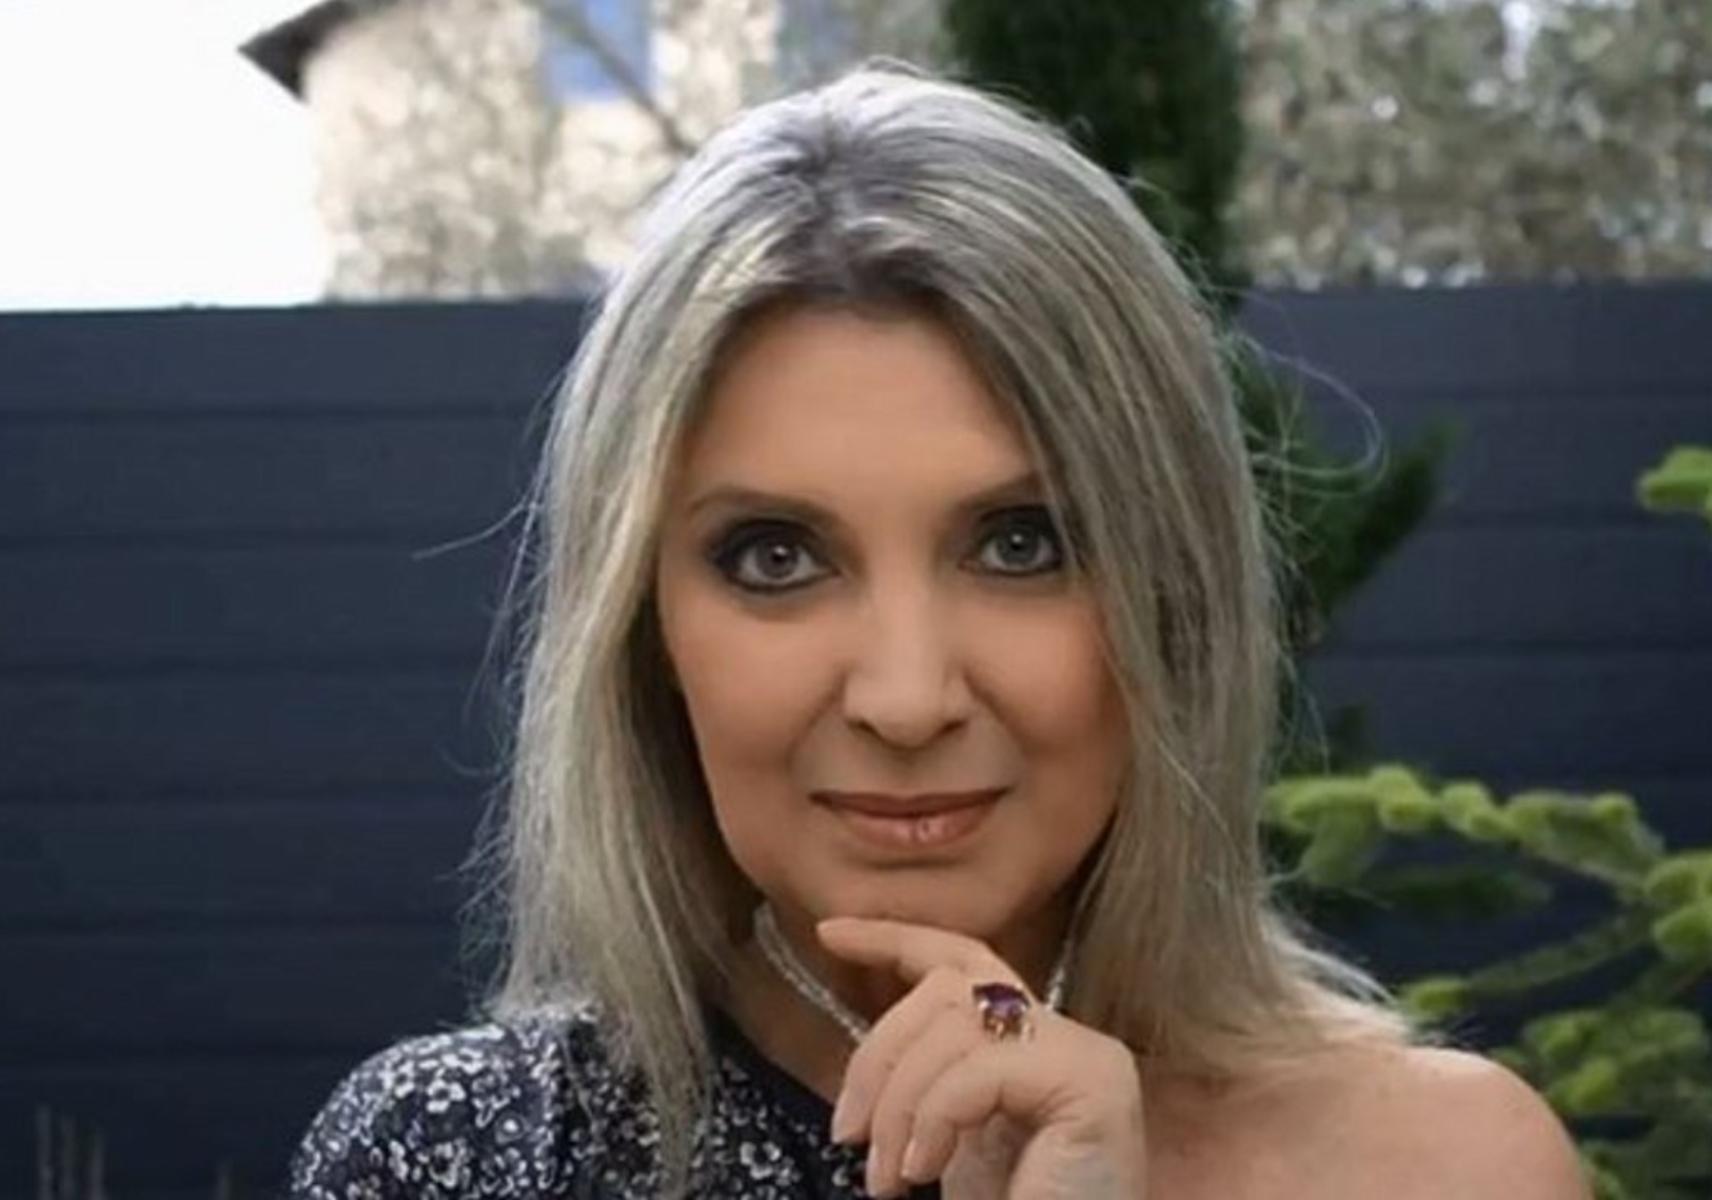 Πένυ Σταυροπούλου: Απεβίωσε η ηθοποιός θεάτρου και τηλεόραση [pic,vid]